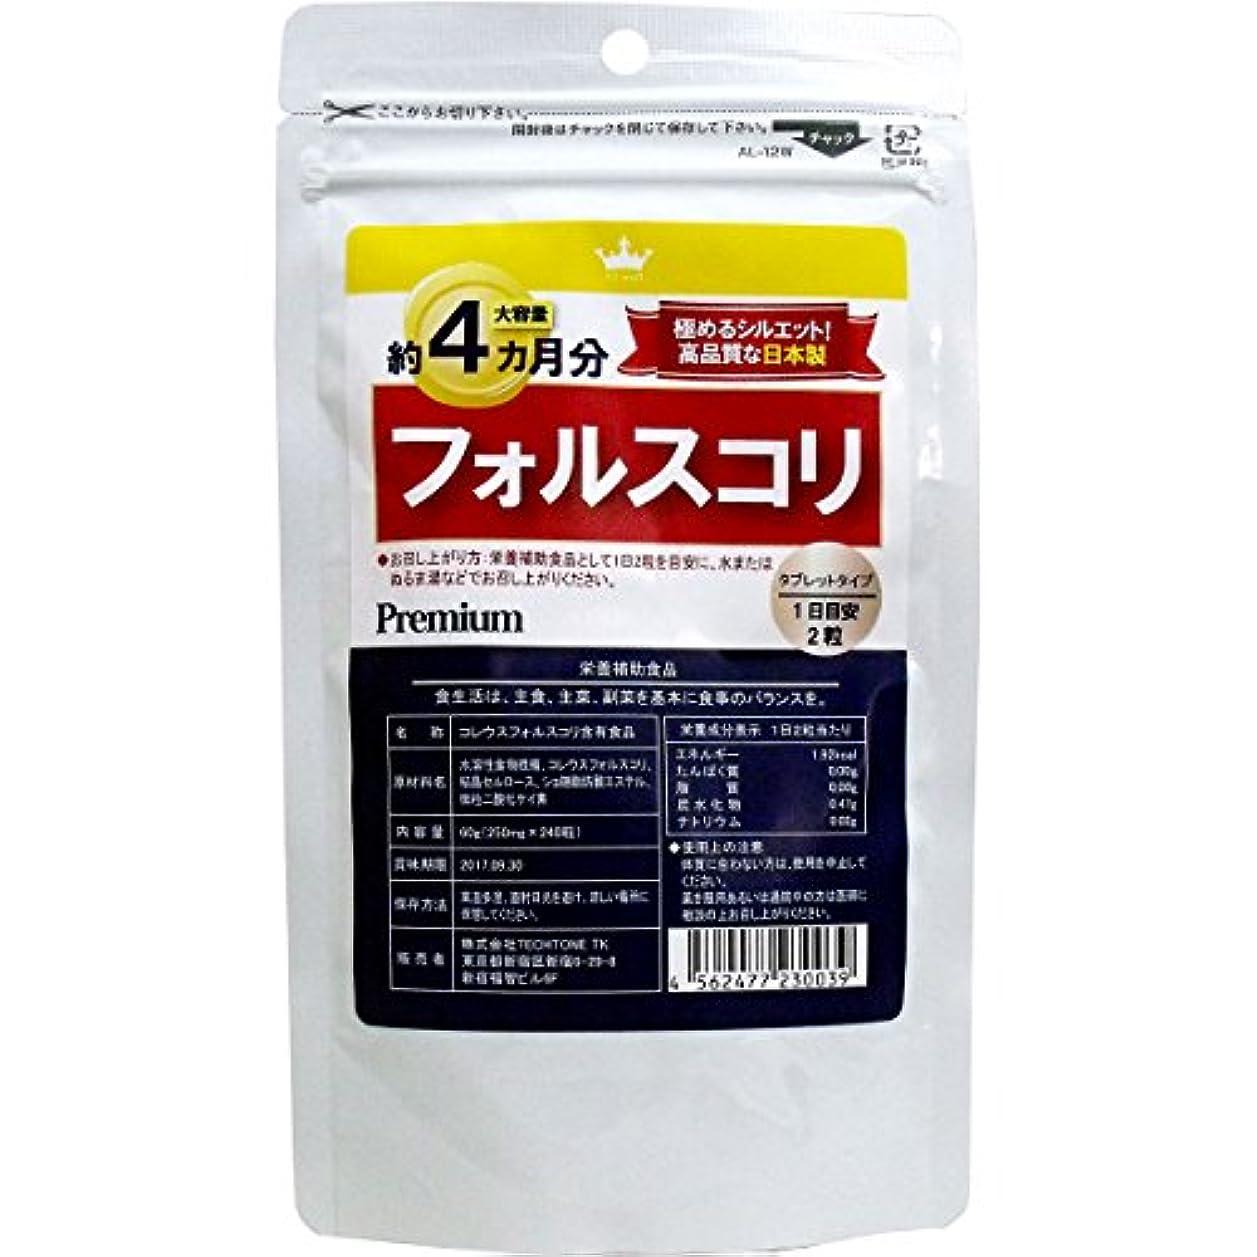 軽減ヒューマニスティックペインティングサプリ 高品質な日本製 話題の フォルスコリ 約4カ月分 240粒入【3個セット】